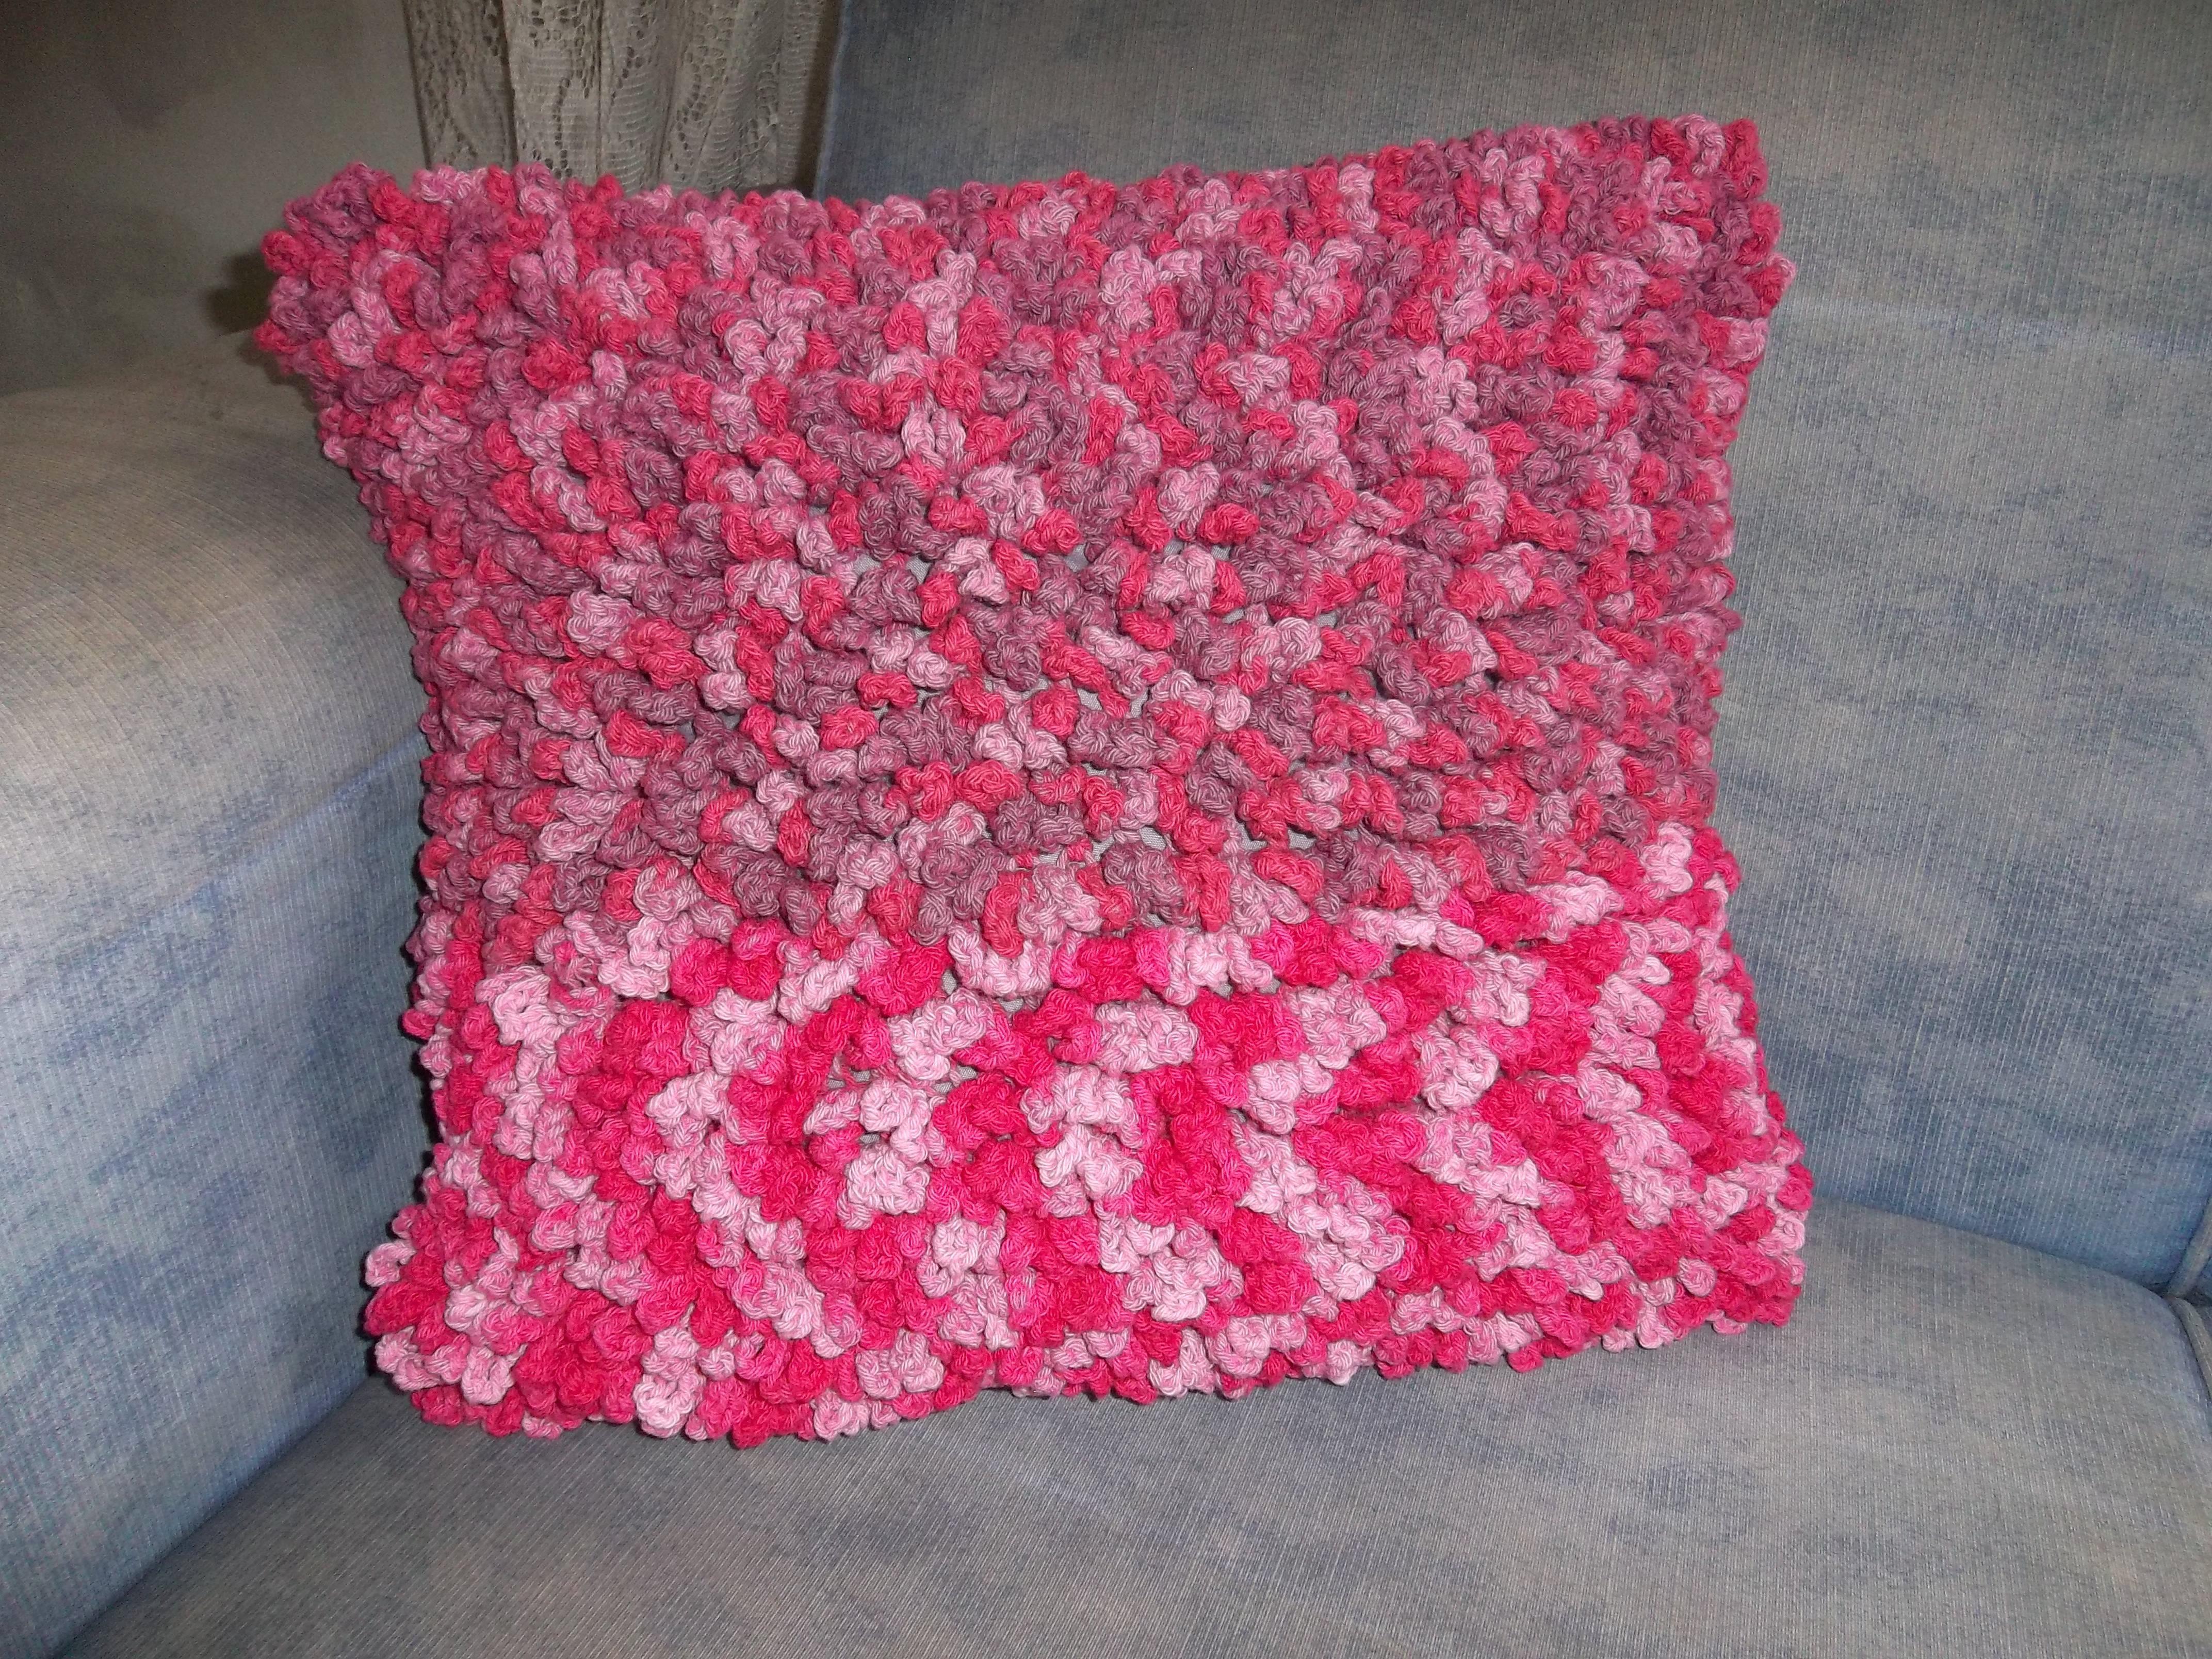 almofada-de-croche-artesanato-em-croche.jpg